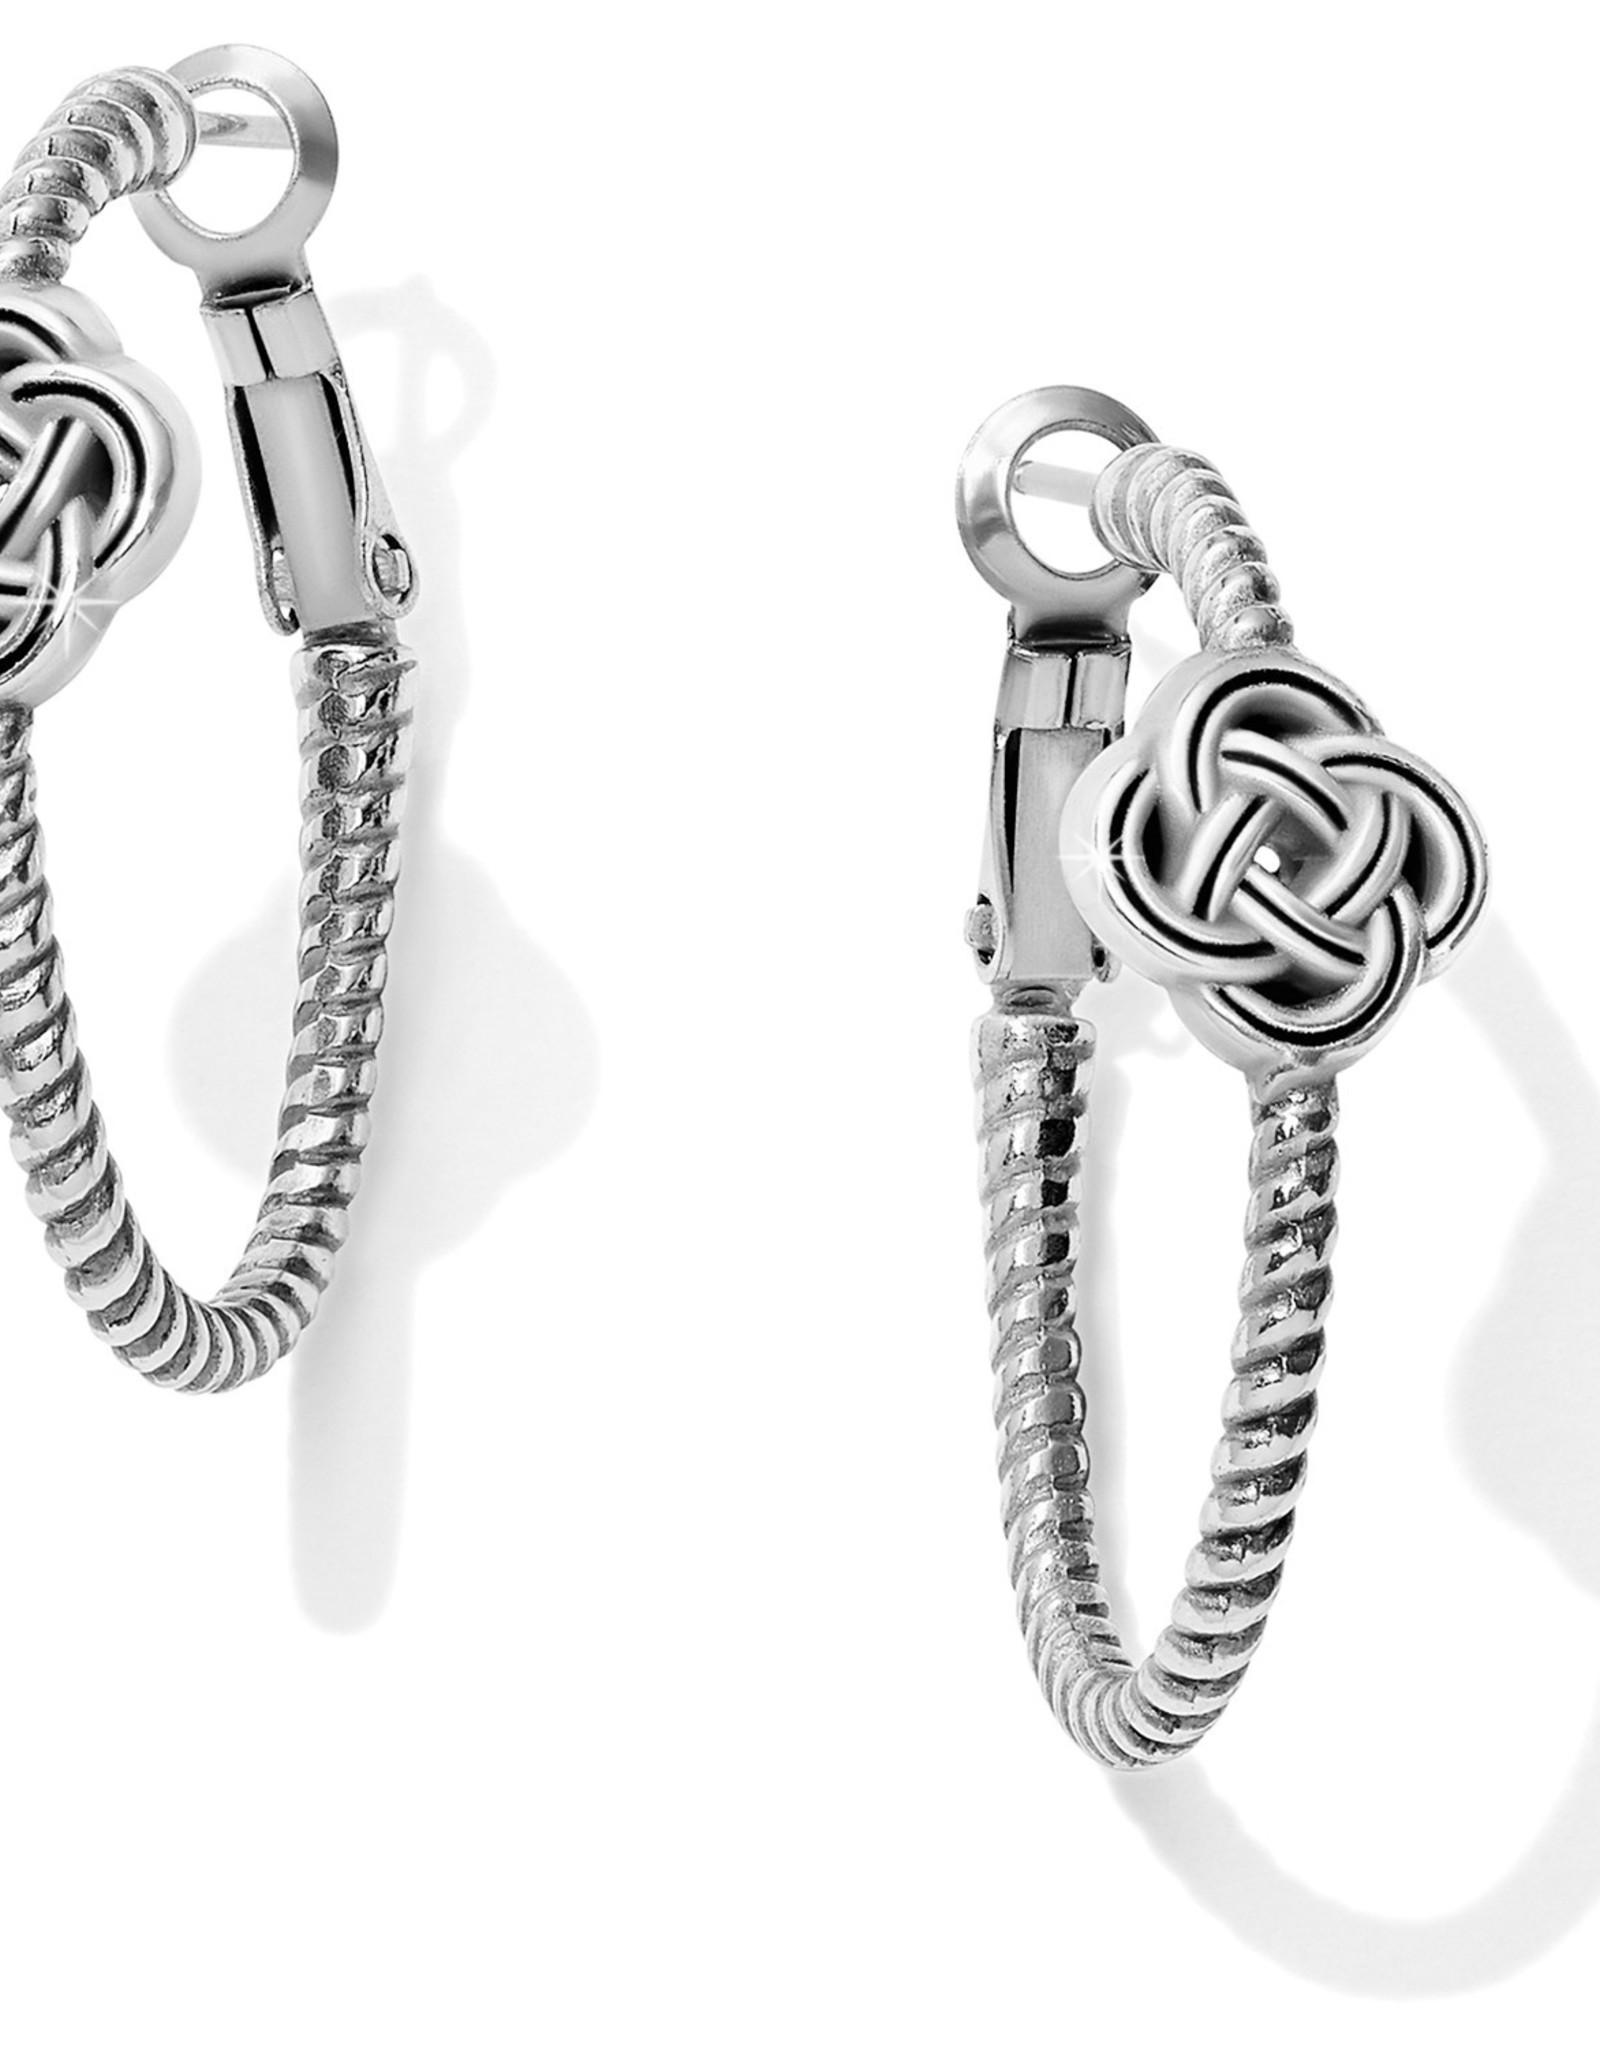 Brighton Brighton Earrings Interlok Knot Rope Hoop